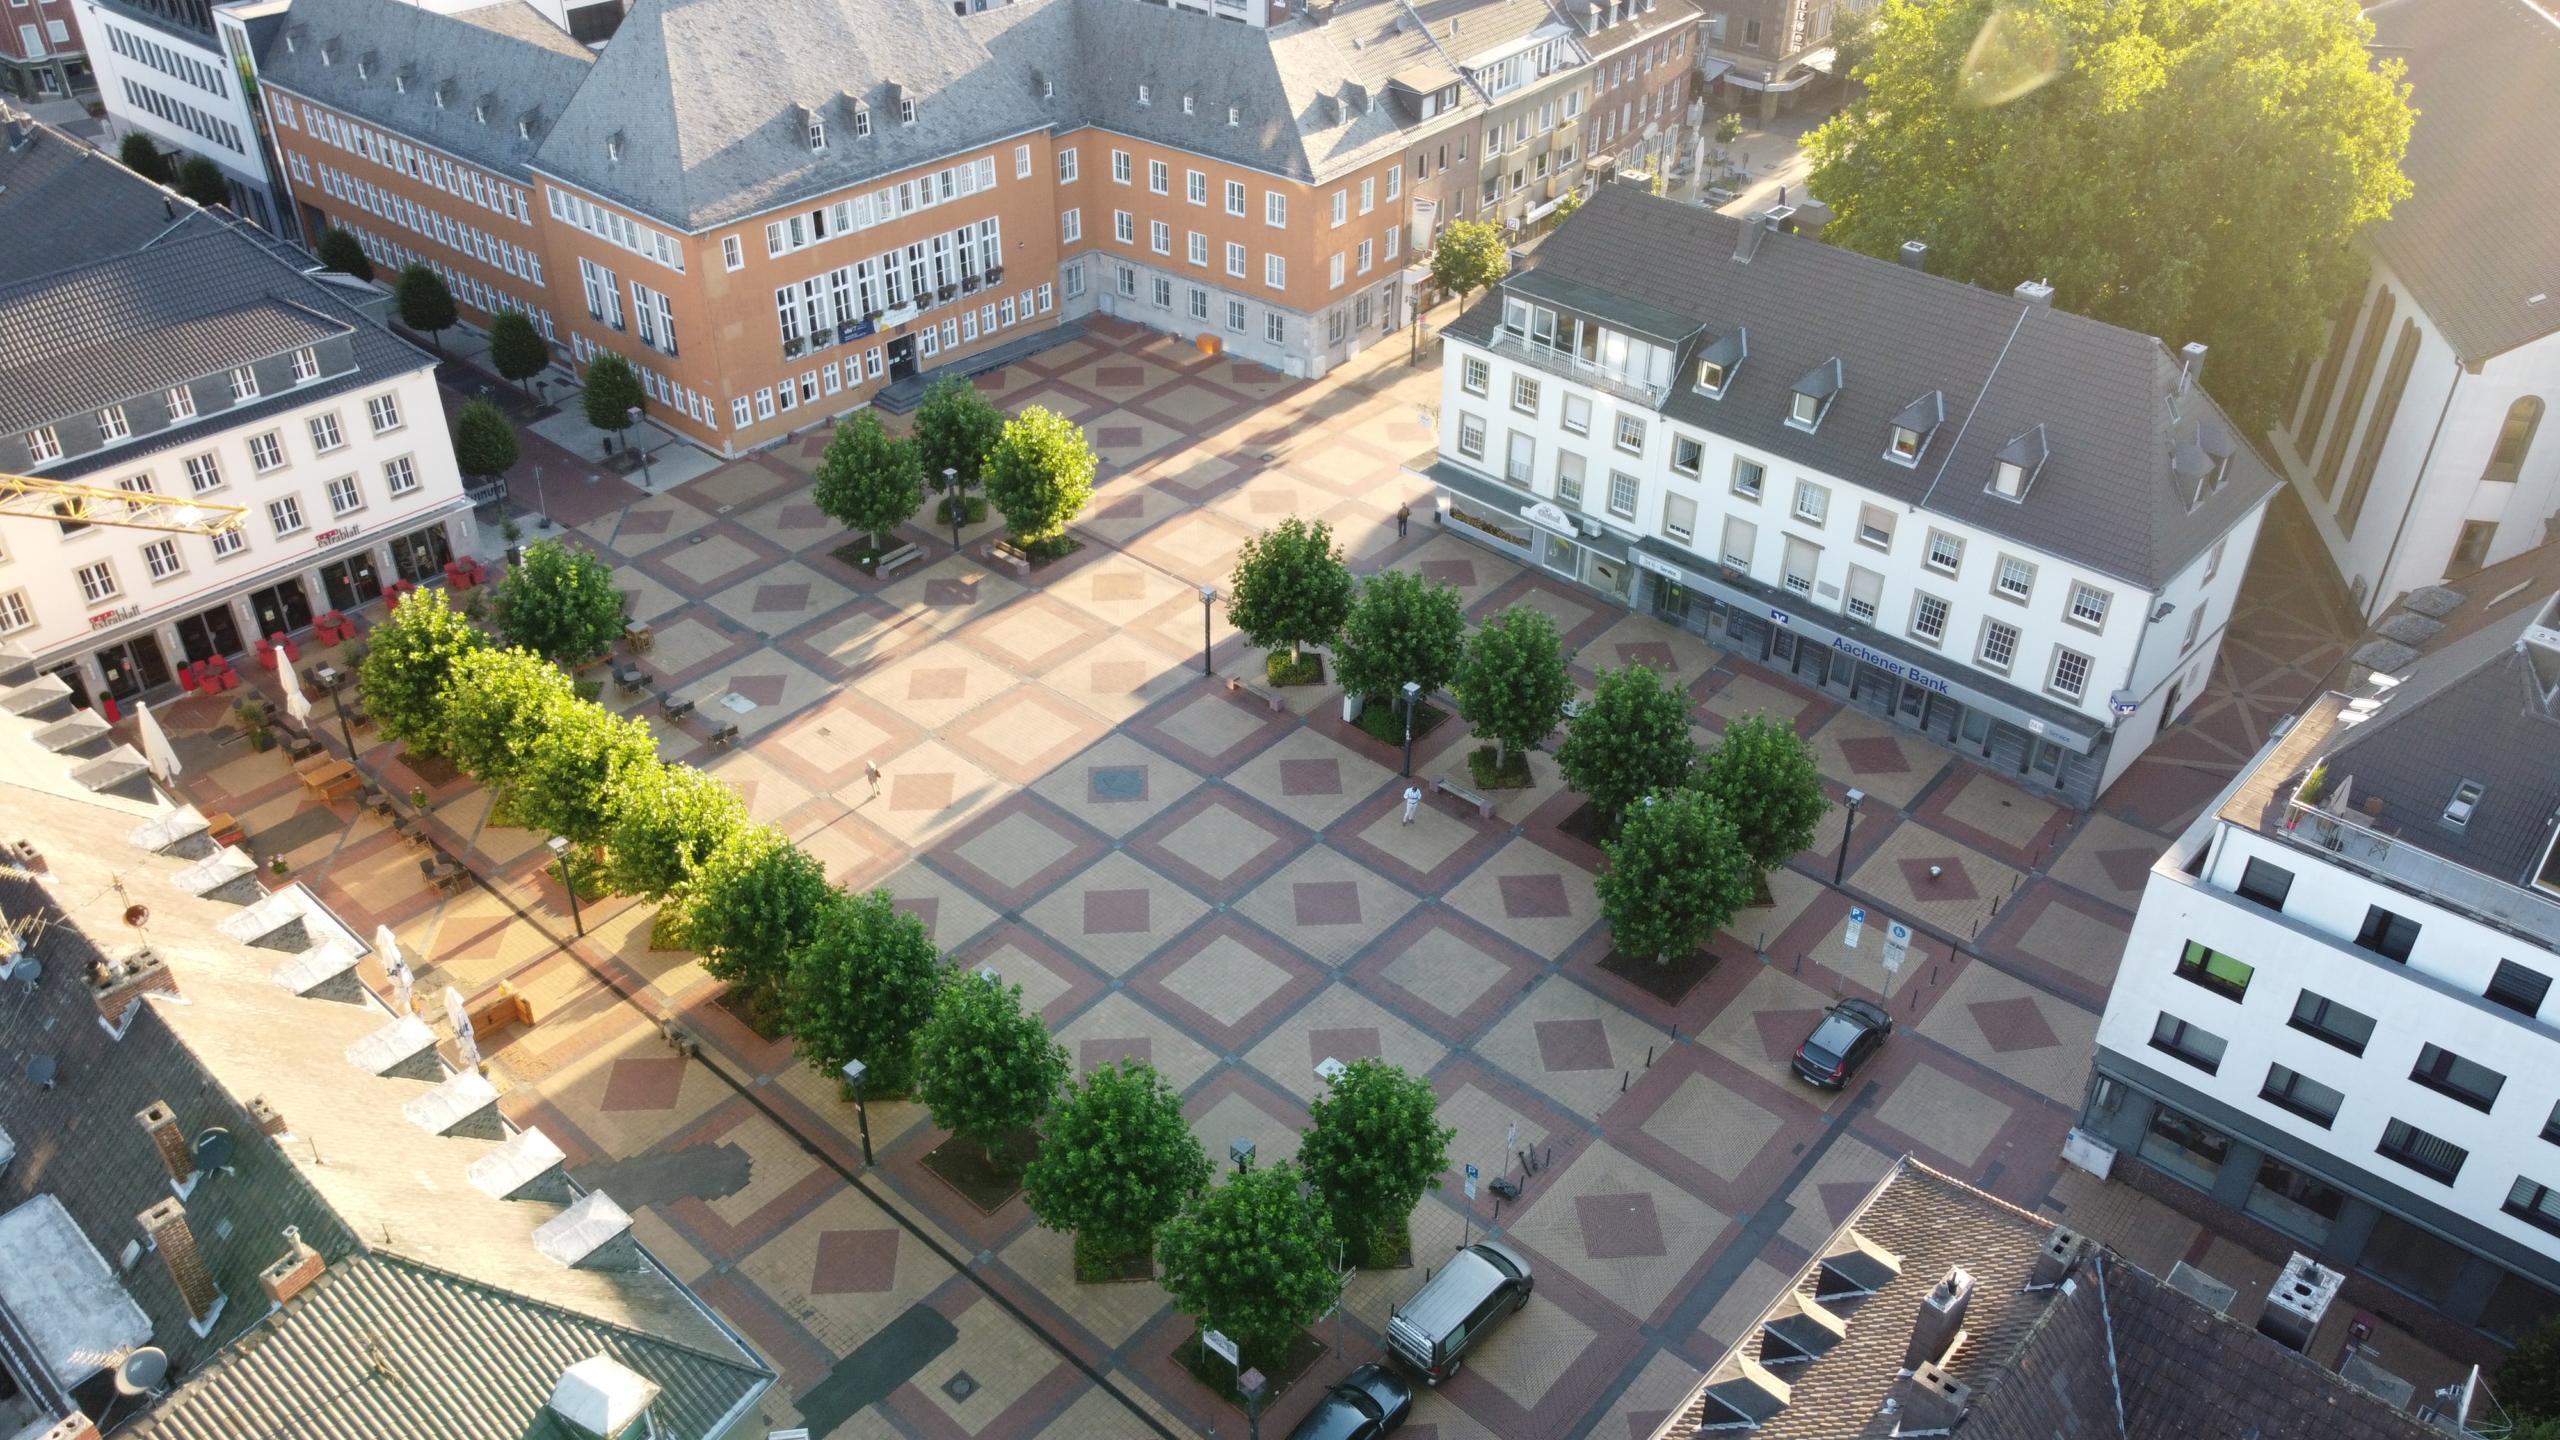 Marktplatz von oben